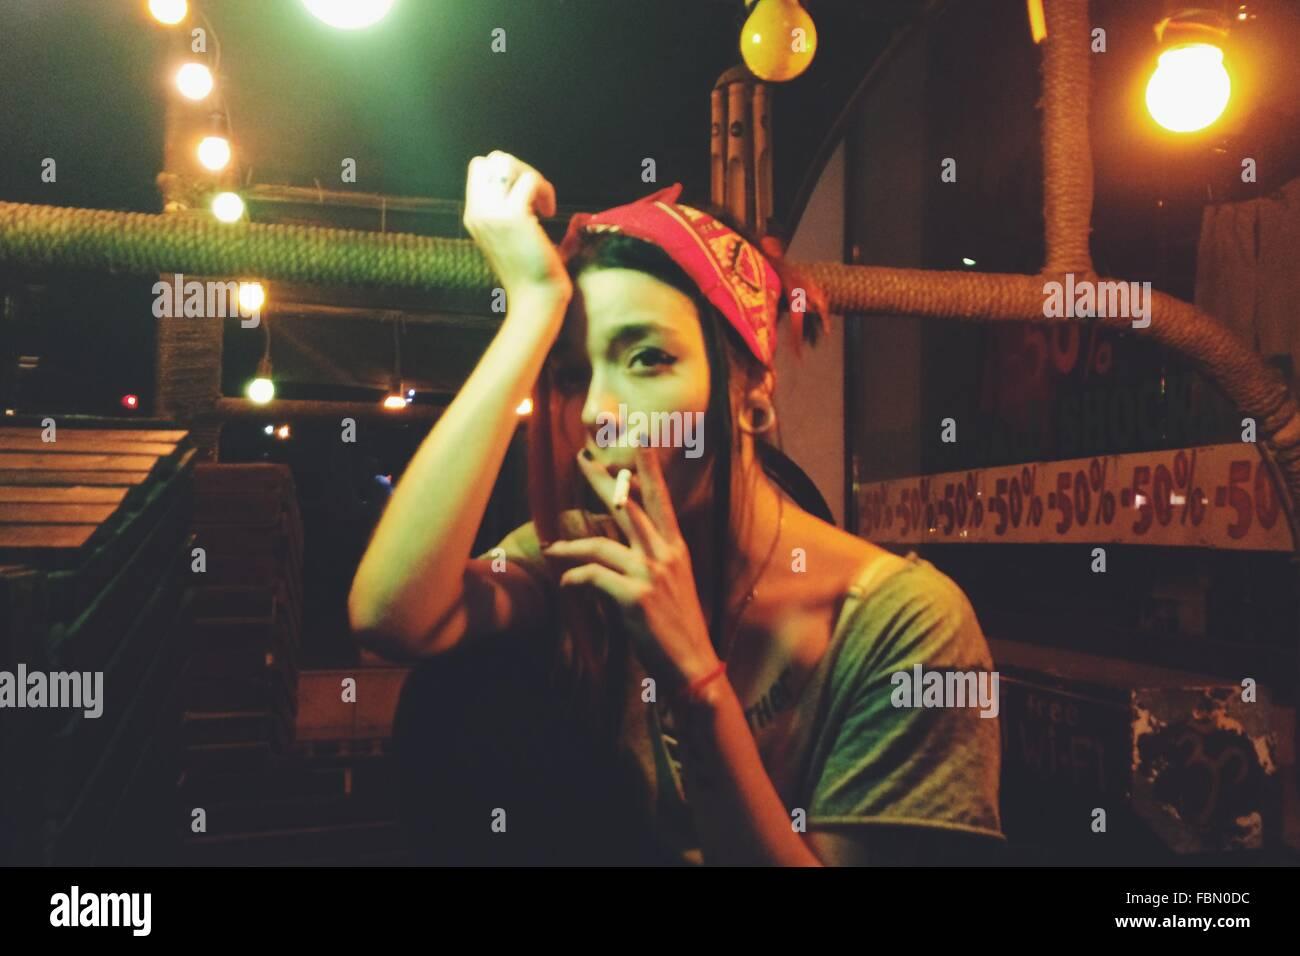 Giovane donna con la testa tra le mani di fumare seduti in balcone illuminato Immagini Stock